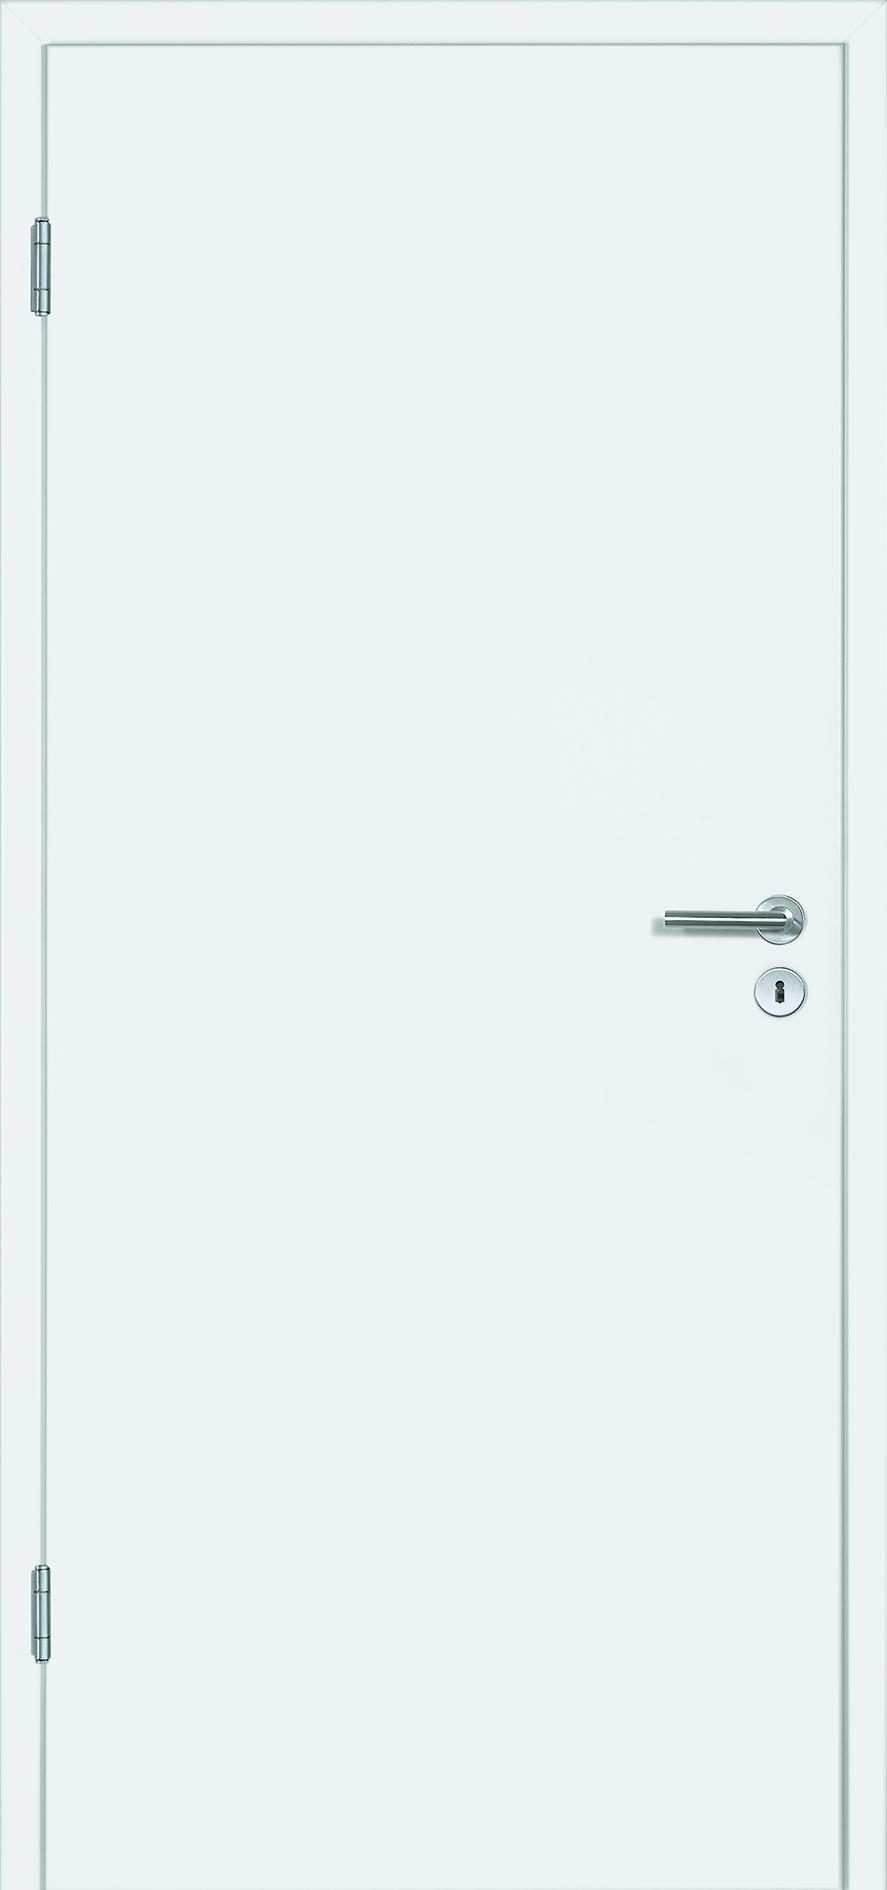 HÖRMANN - AKCE 2020 - Interiérové dveře falcové výška 2100 mm